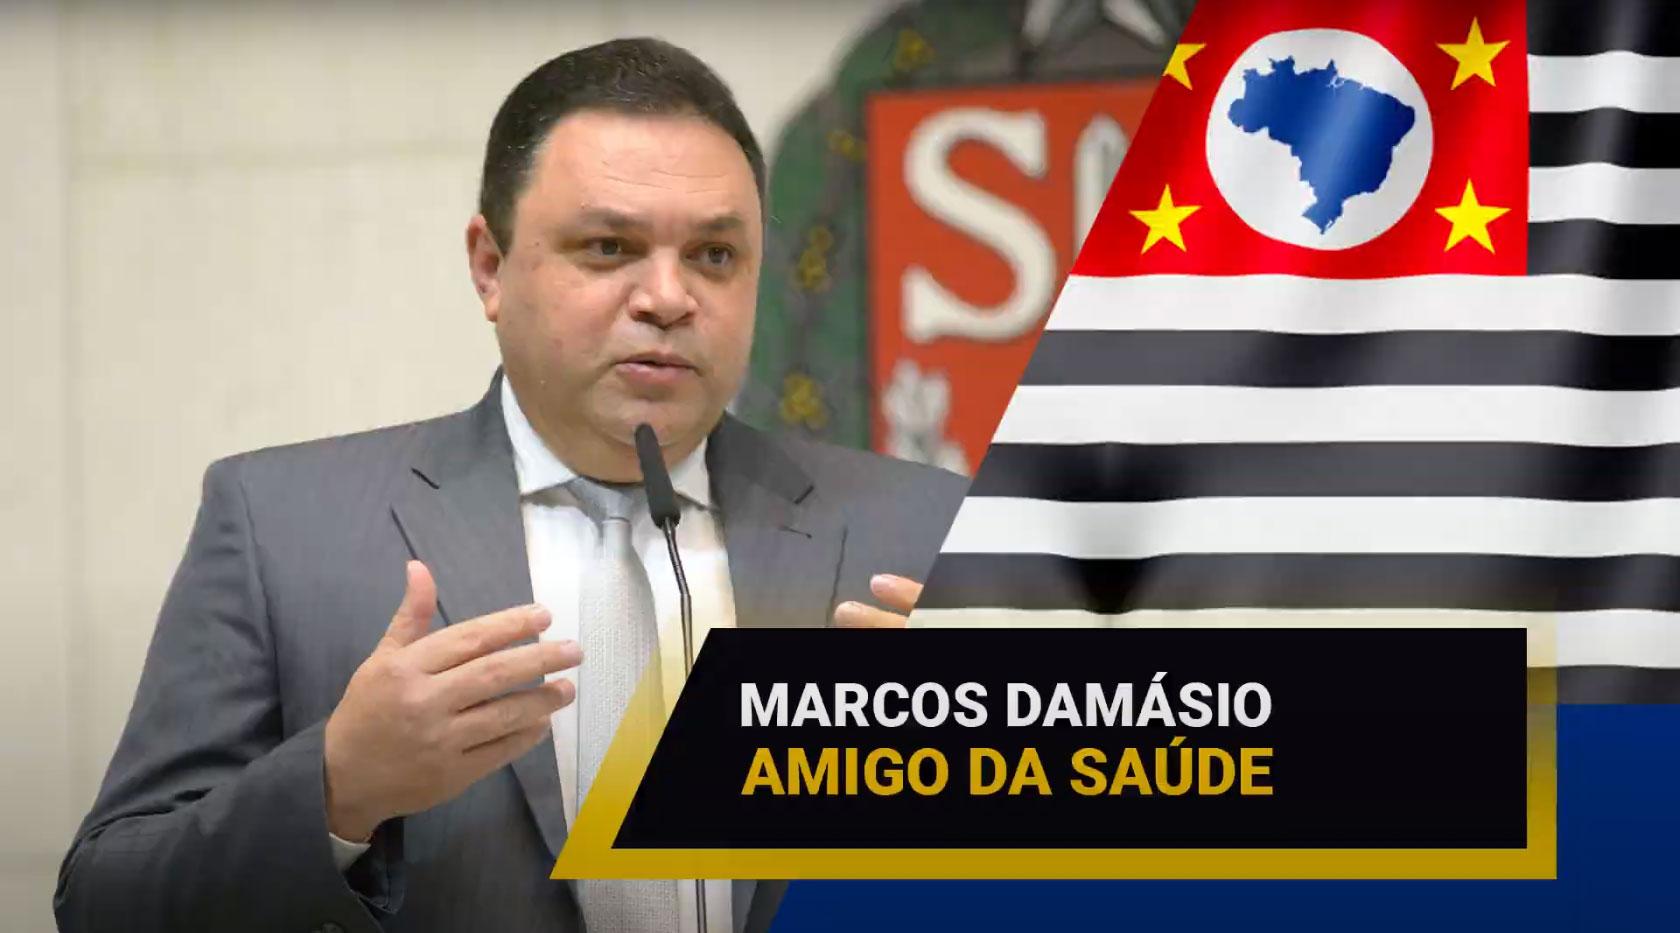 deputado-estadual-marcos-damasio-e-amigo-da-saude - Acao Comunicativa